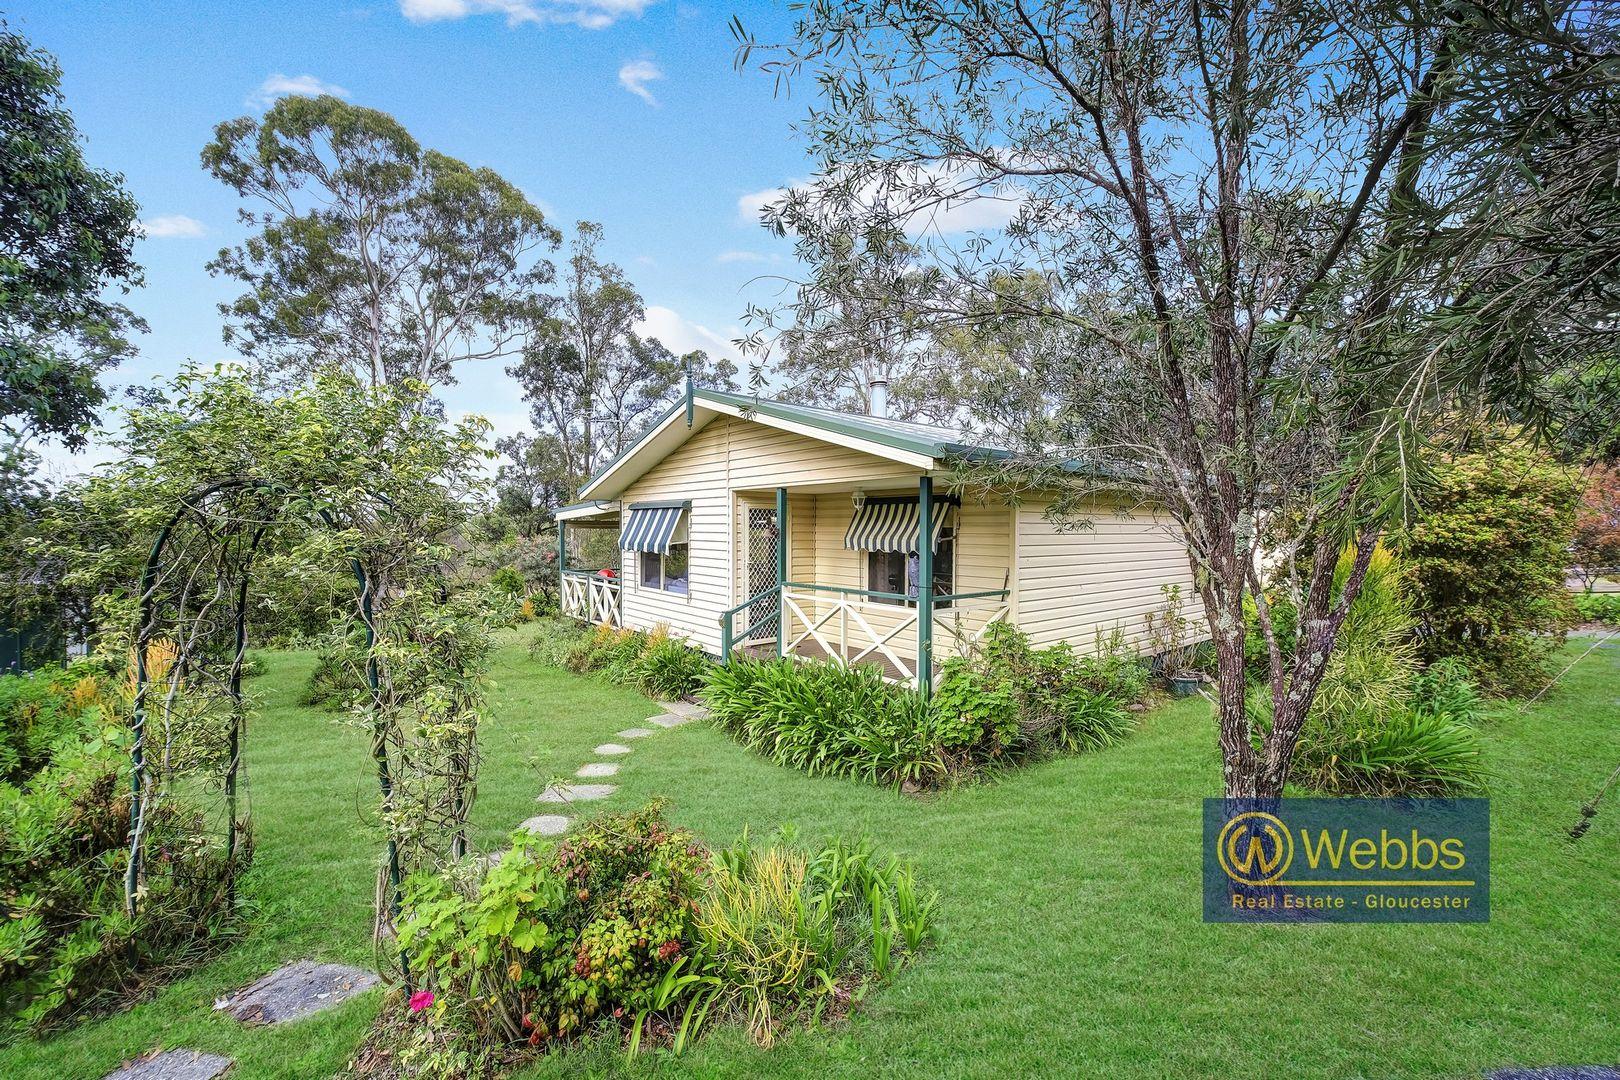 4310 The Bucketts Way, Gloucester NSW 2422, Image 0